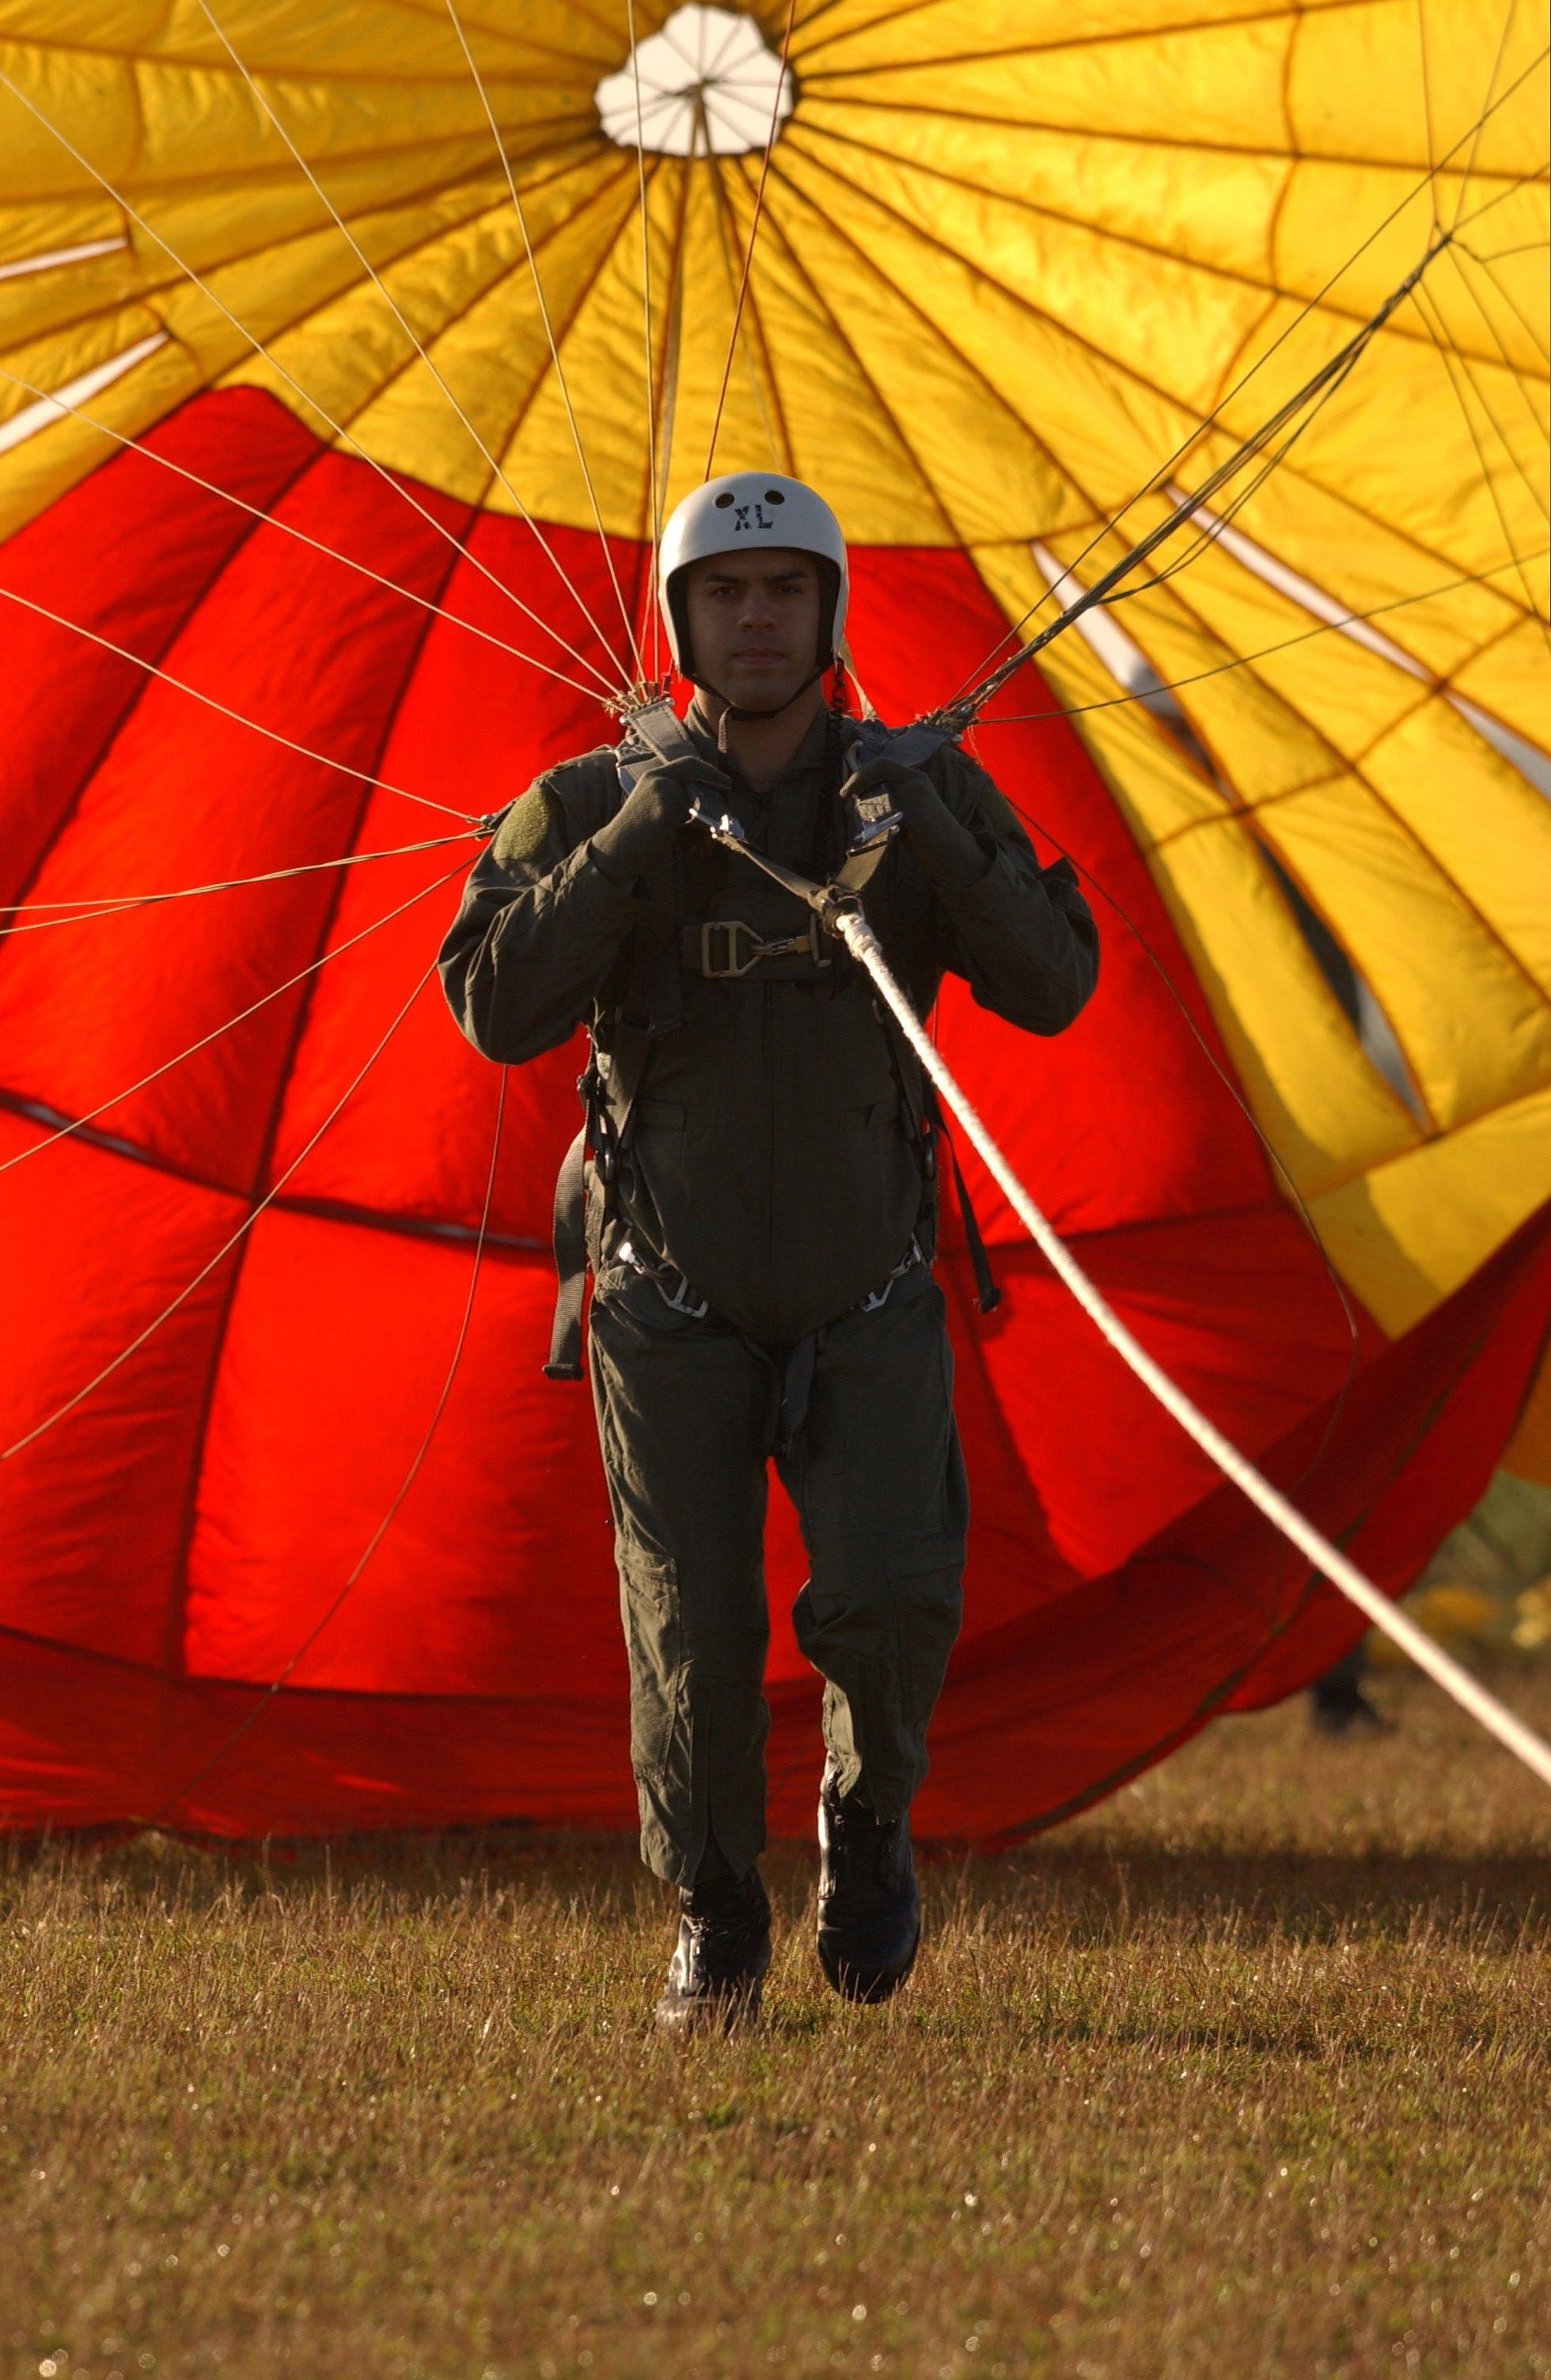 군대, 낙하산, 낙하산 조종사, 낙하산 타는 사람의 무료 스톡 사진